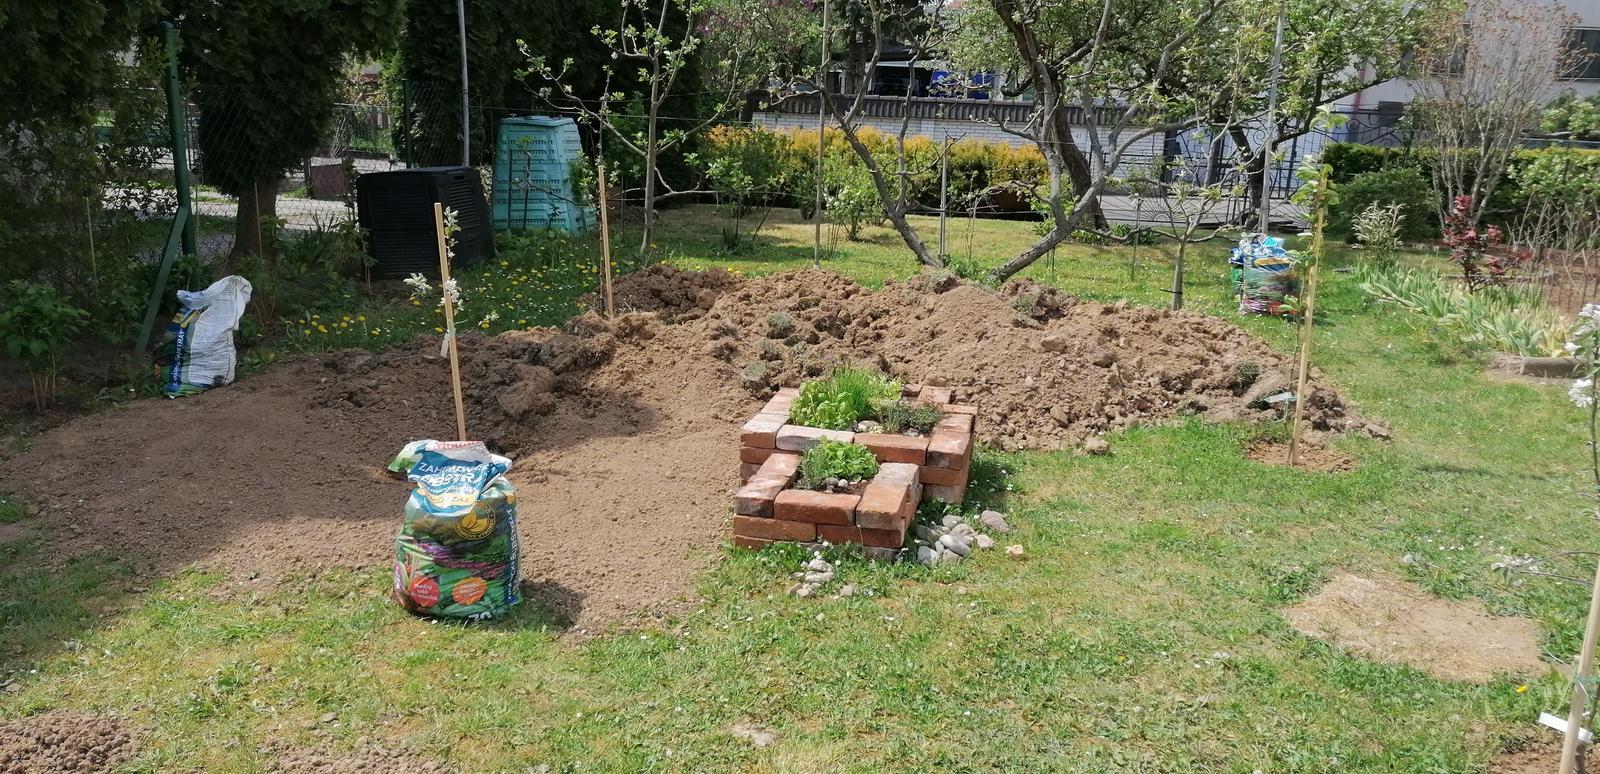 Premena balkóna na terasku - ... a zo záhrady mám tankodrom, ale aspoň máme zem na vyrovnanie záhrady...